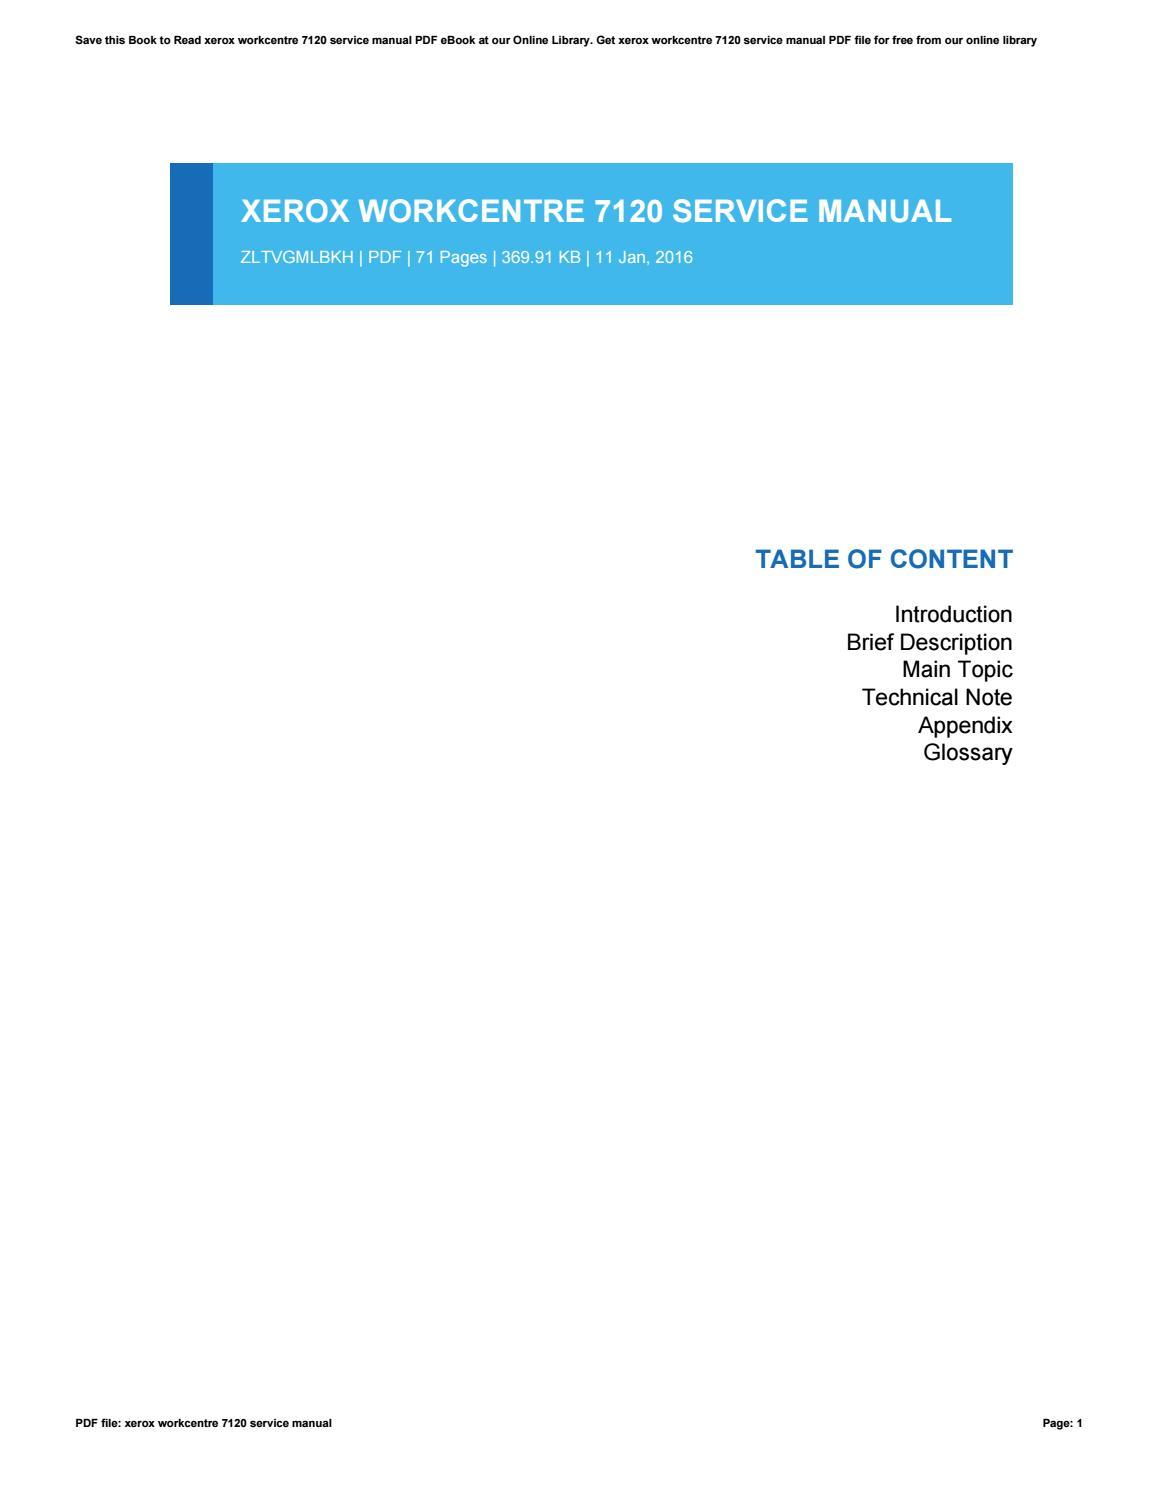 Xerox 7120 service manual